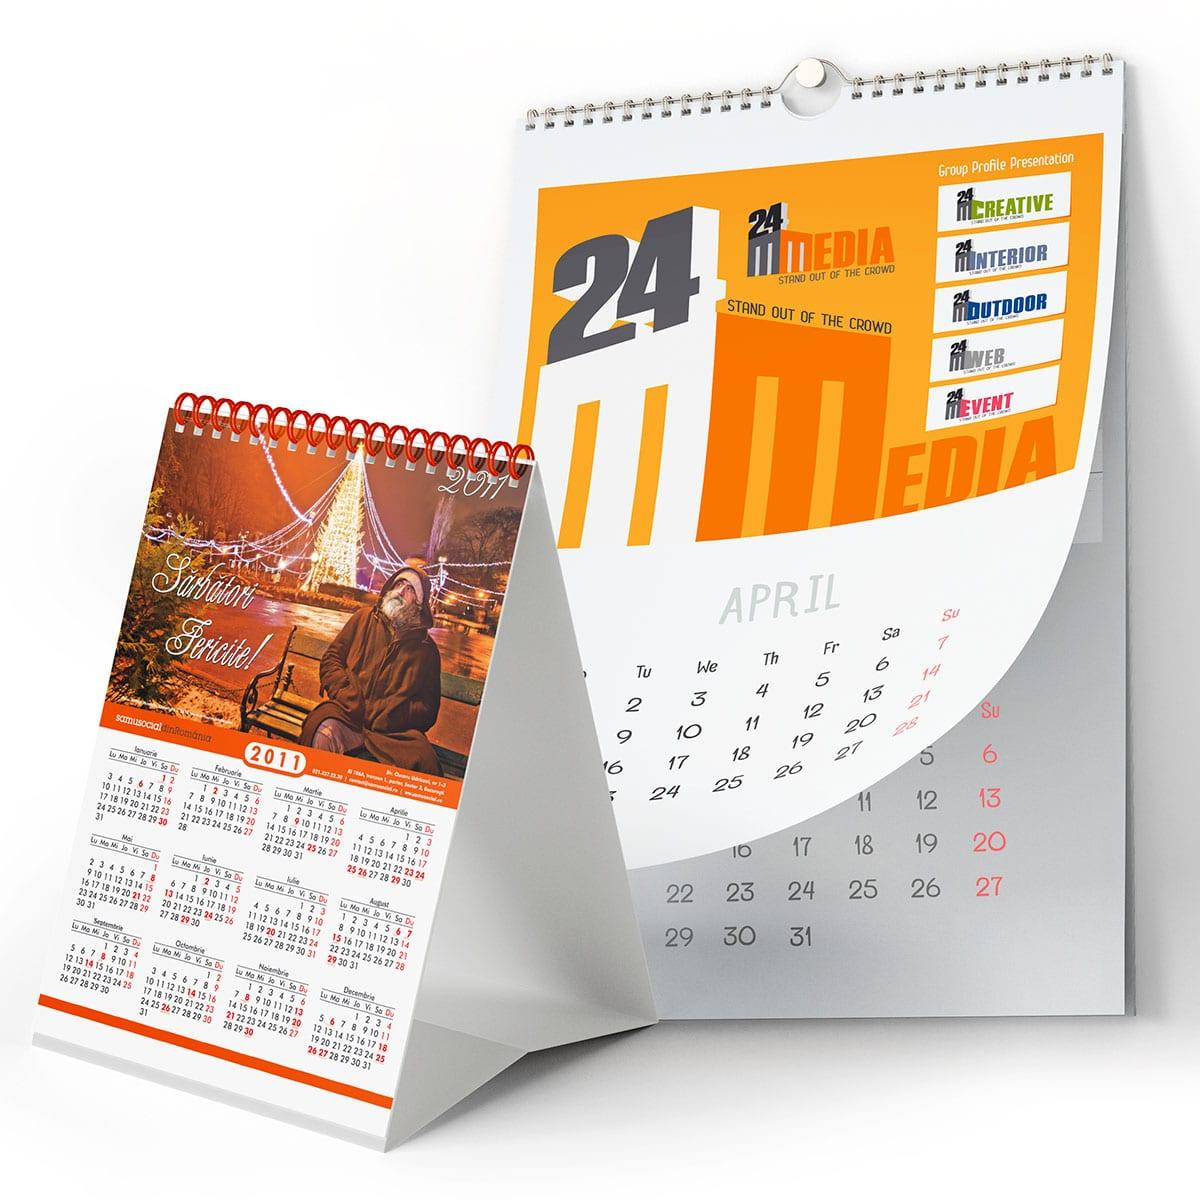 Oferim servicii profesionale de design calendare, pentru toate tipurile cele mai utilizate: calendare de buzunar, calendare de birou, calendare de perete.